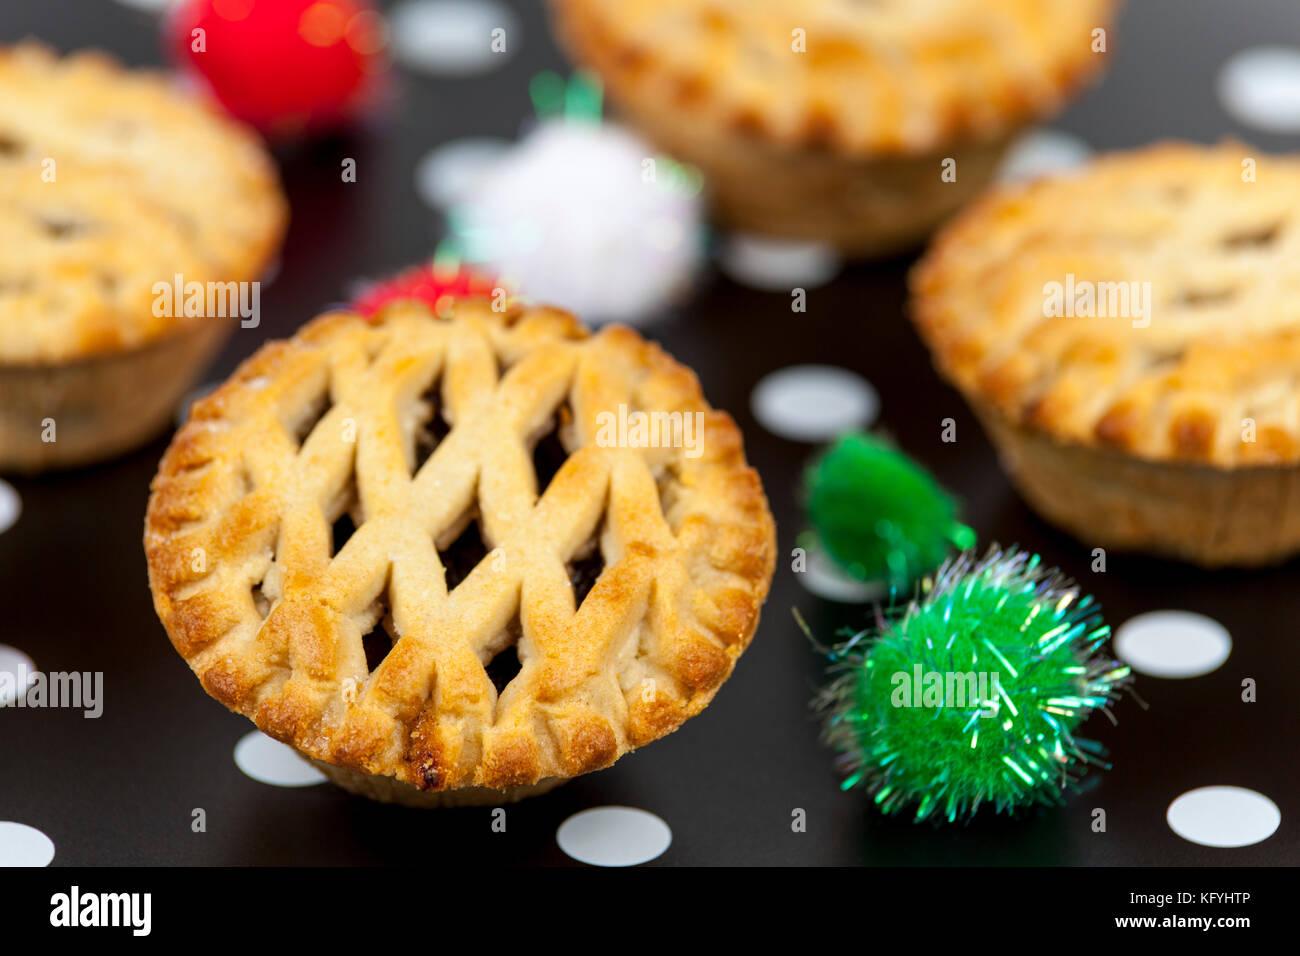 Frisch goldbraun Gitter oben mince pies gegen eine dekorierte Weihnachten Hintergrund Stockbild